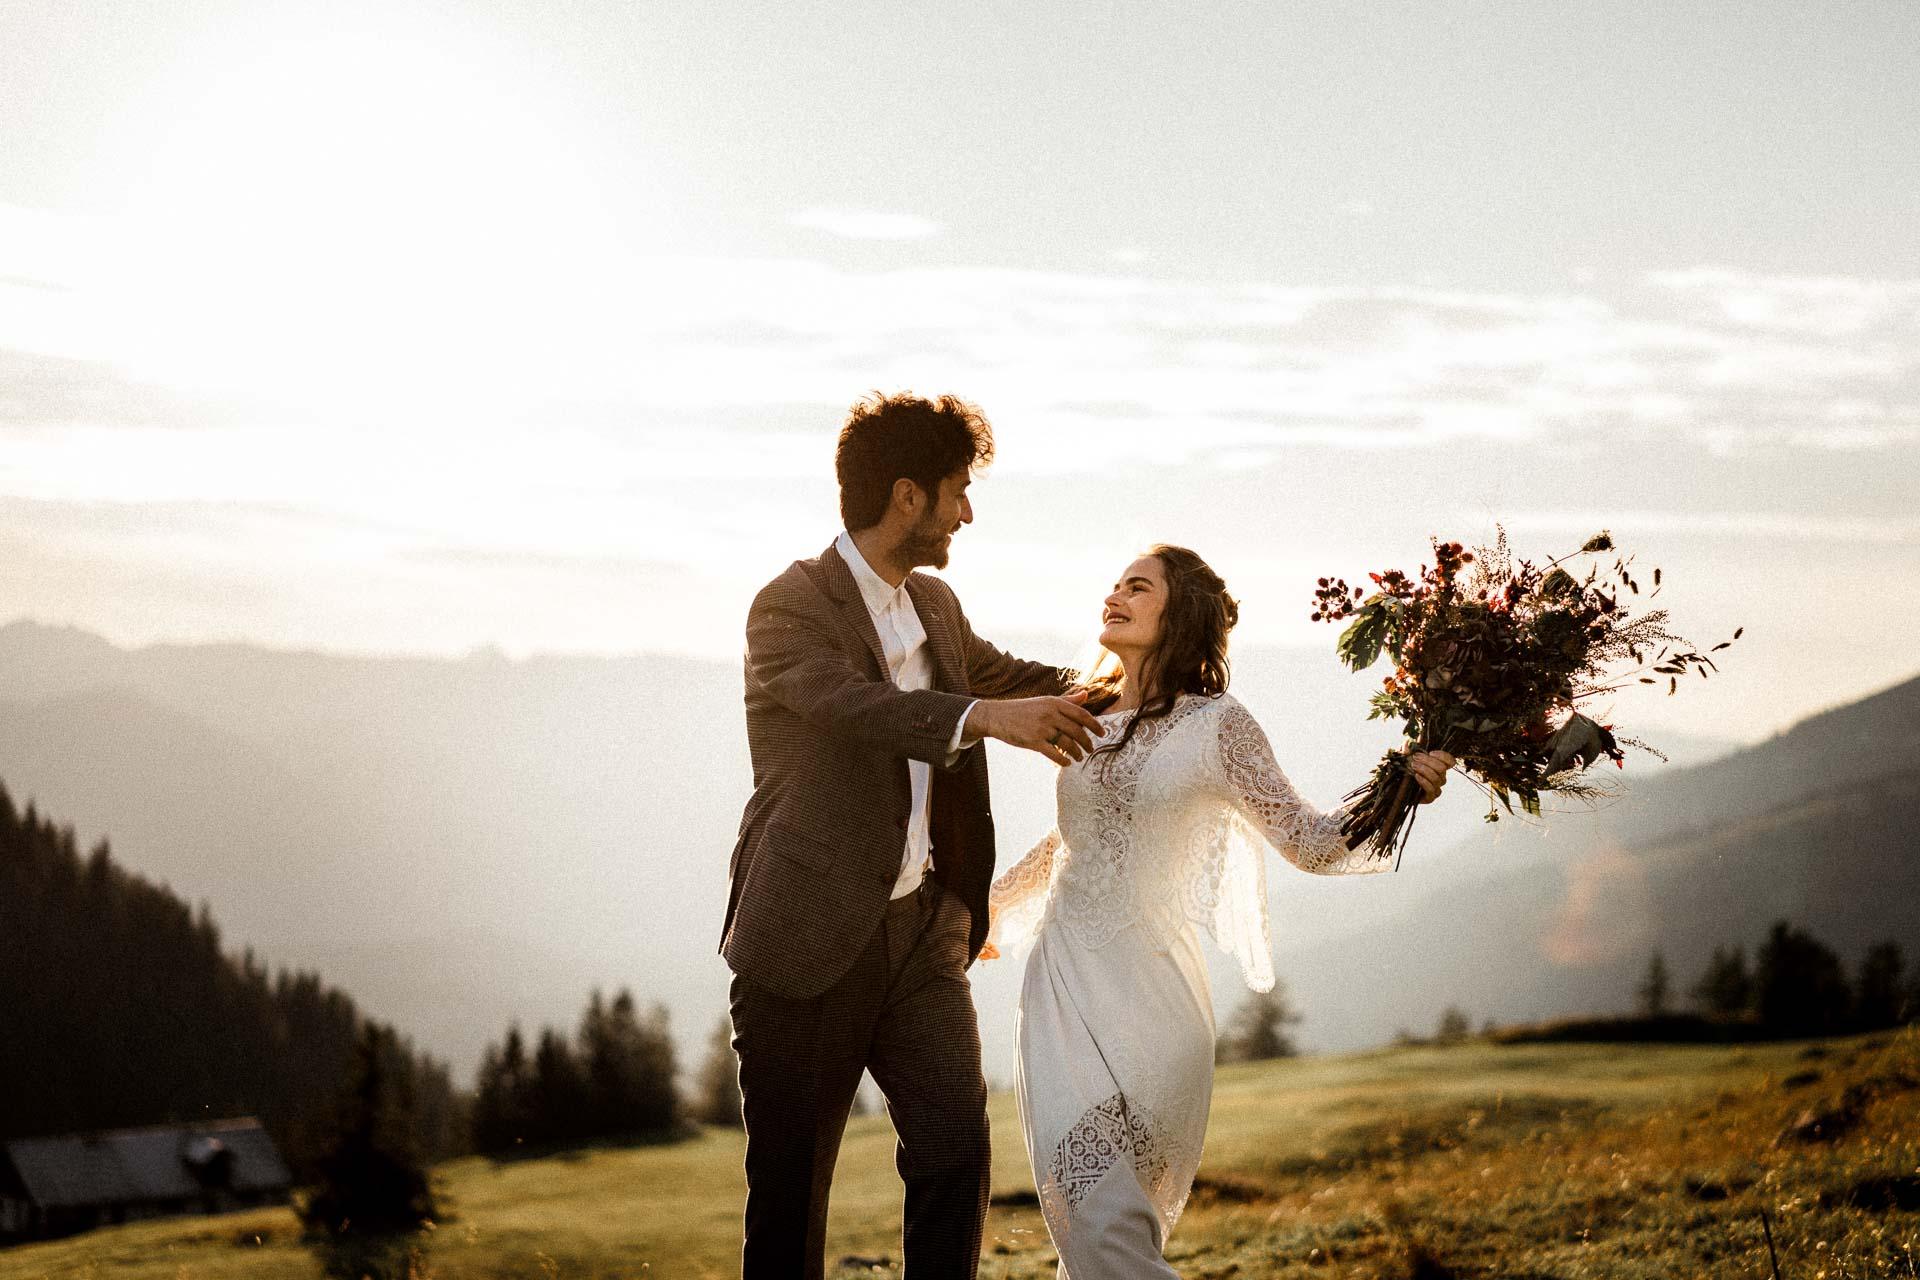 hochzeitsfotograf-österreich-fotograf-hochzeit-hochzeits-film-hochzeitsfotos-hochzeitsbilder-wedding-elopement-engagement-kontakt